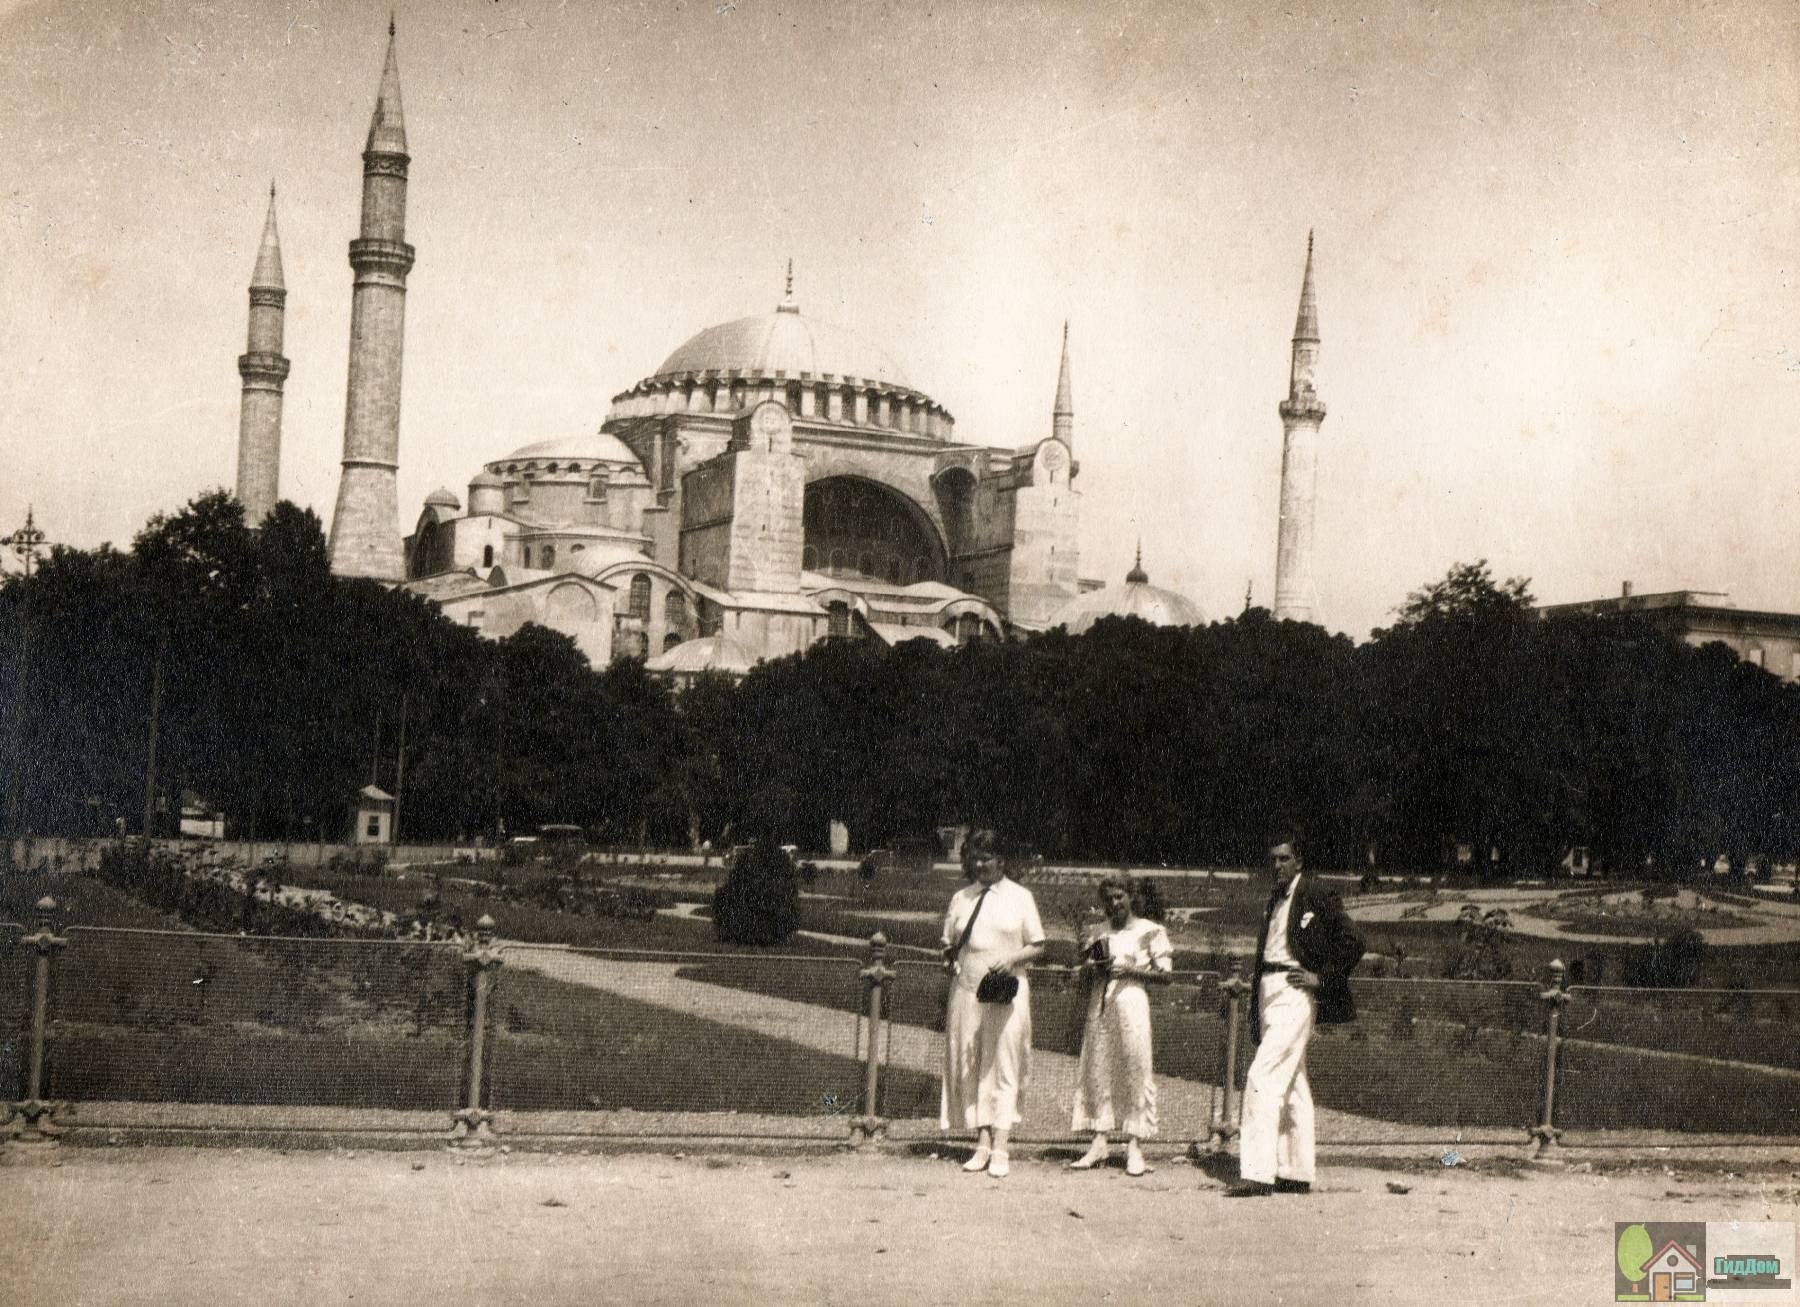 Собор Святой Софии в Стамбуле на фотографии 1908 года. Снимок загружен из открытых источников.